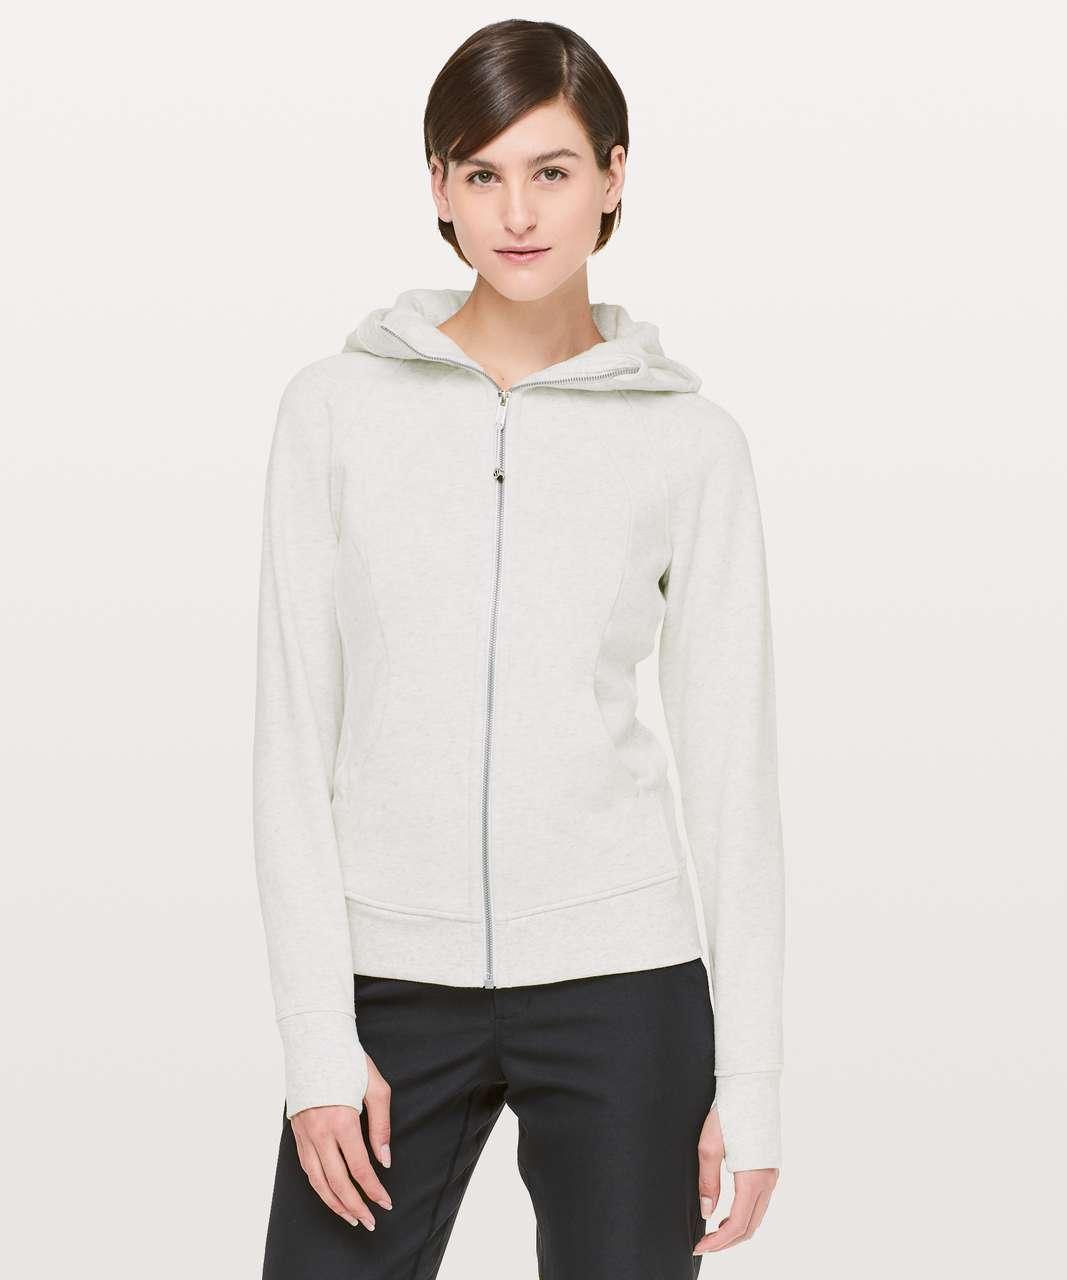 Lululemon Scuba Hoodie *Light Cotton Fleece - Heathered White